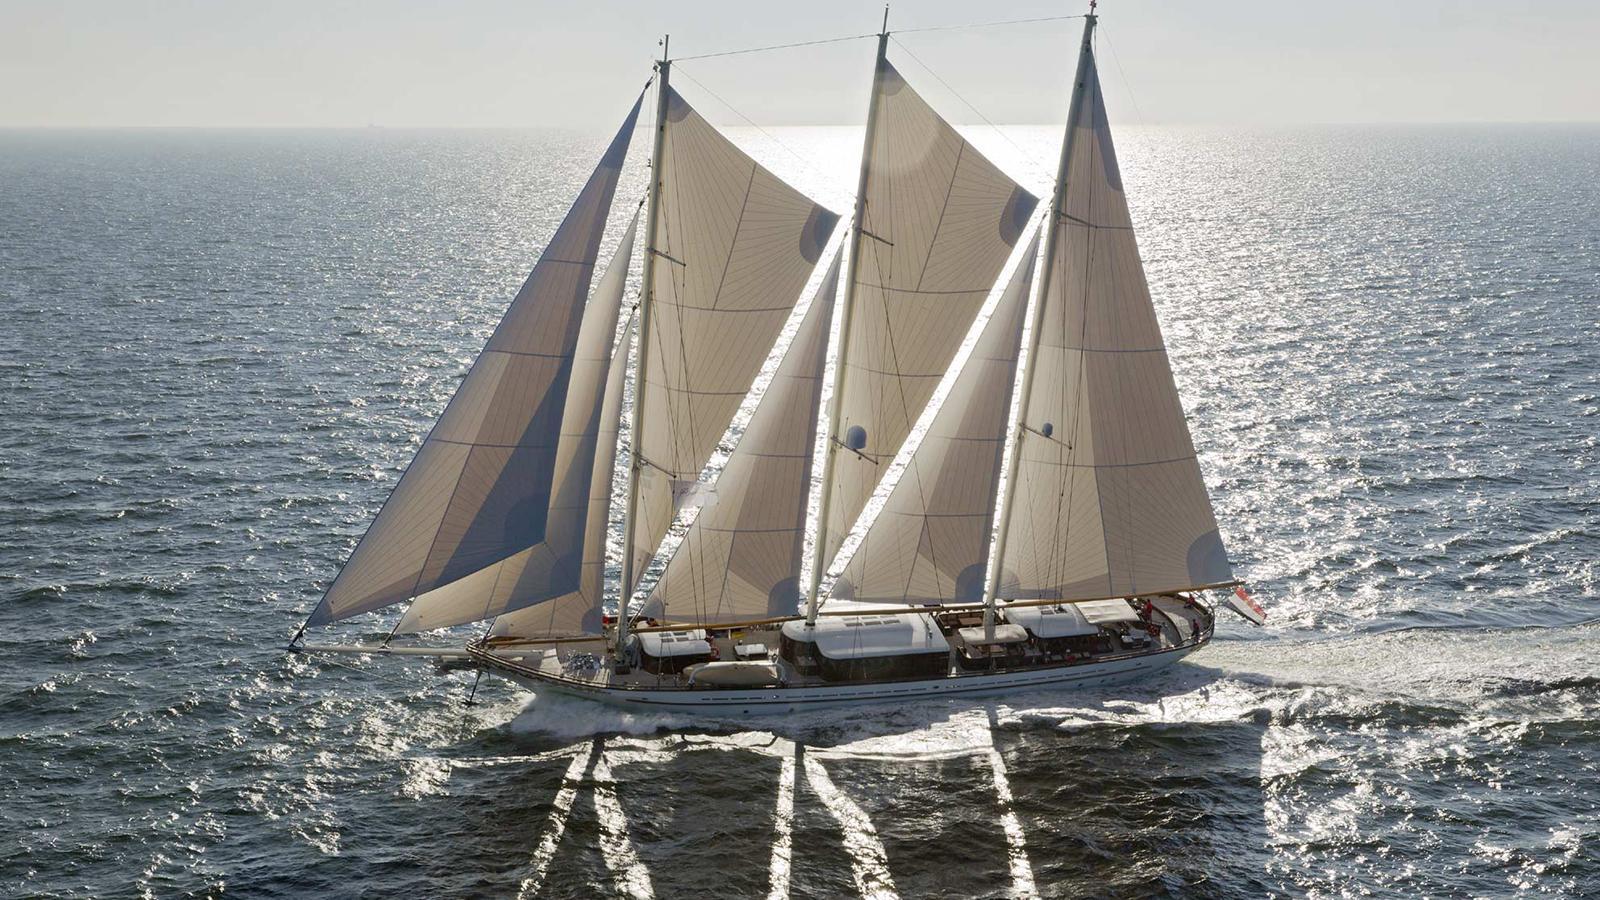 mikhail-s-vorontsov-yacht